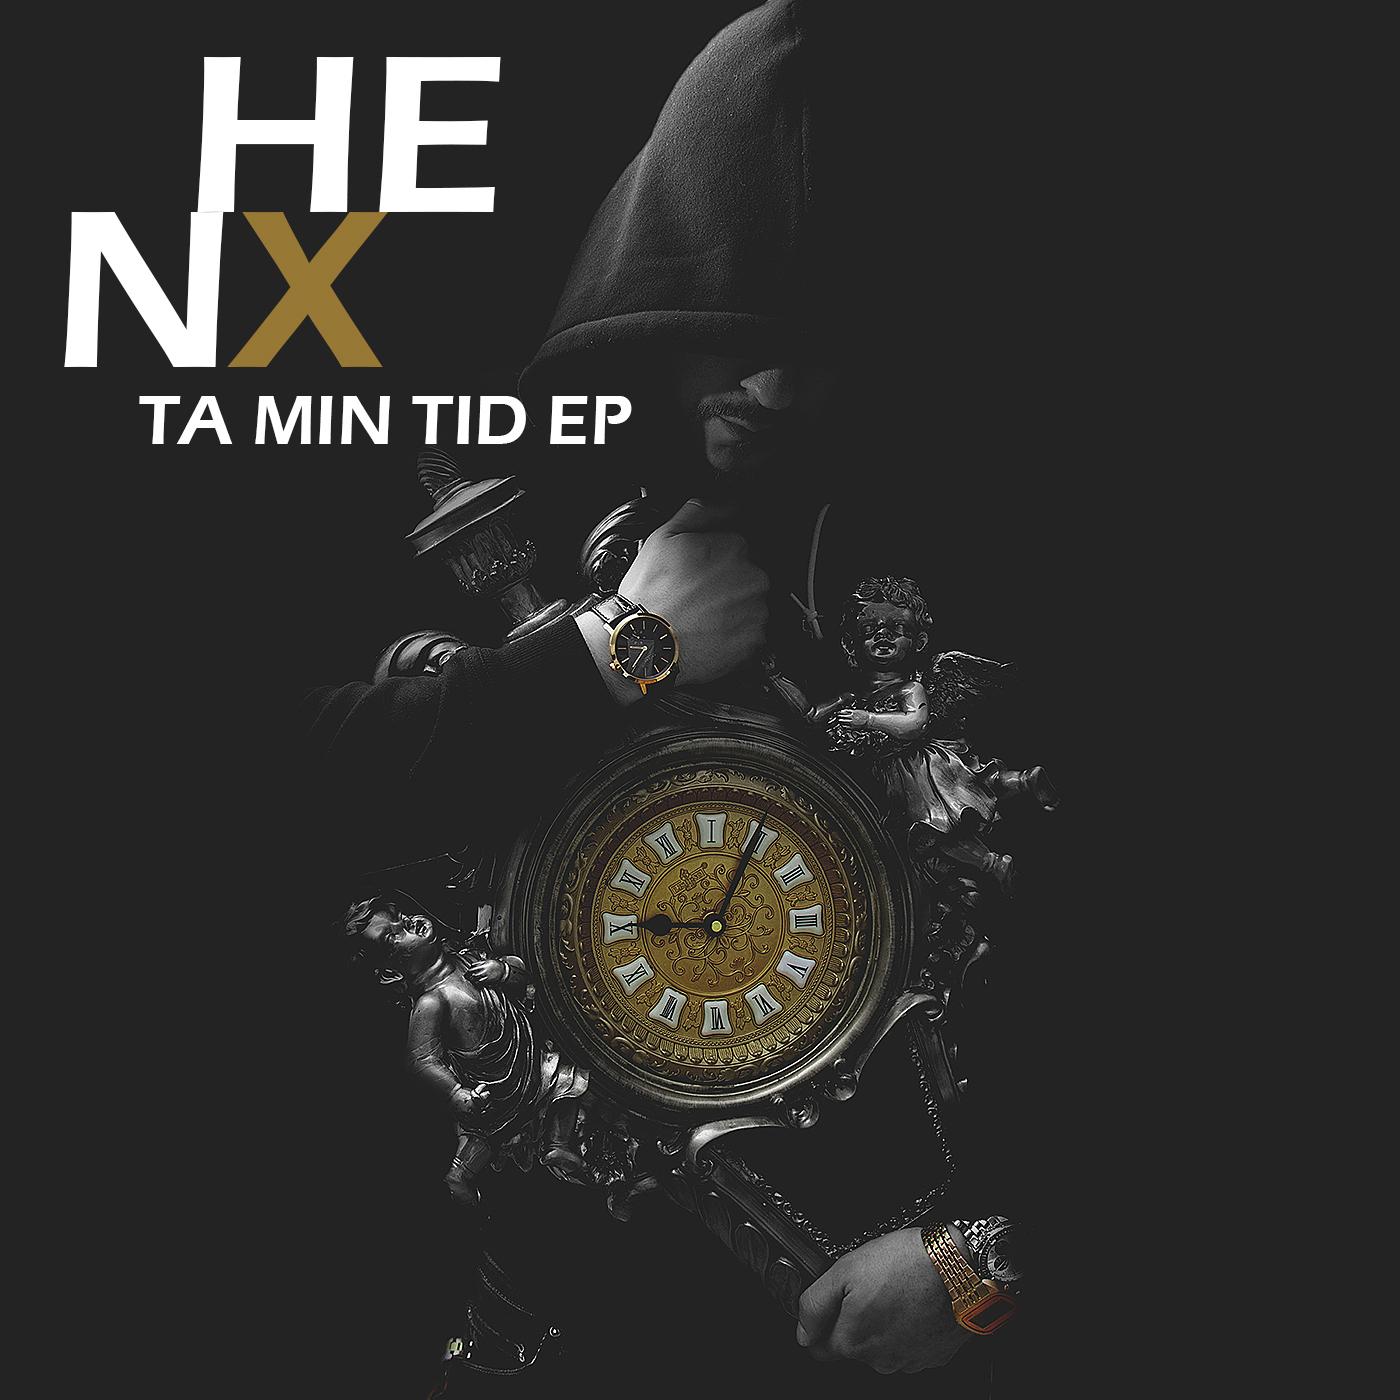 HENX - TA MIN TID